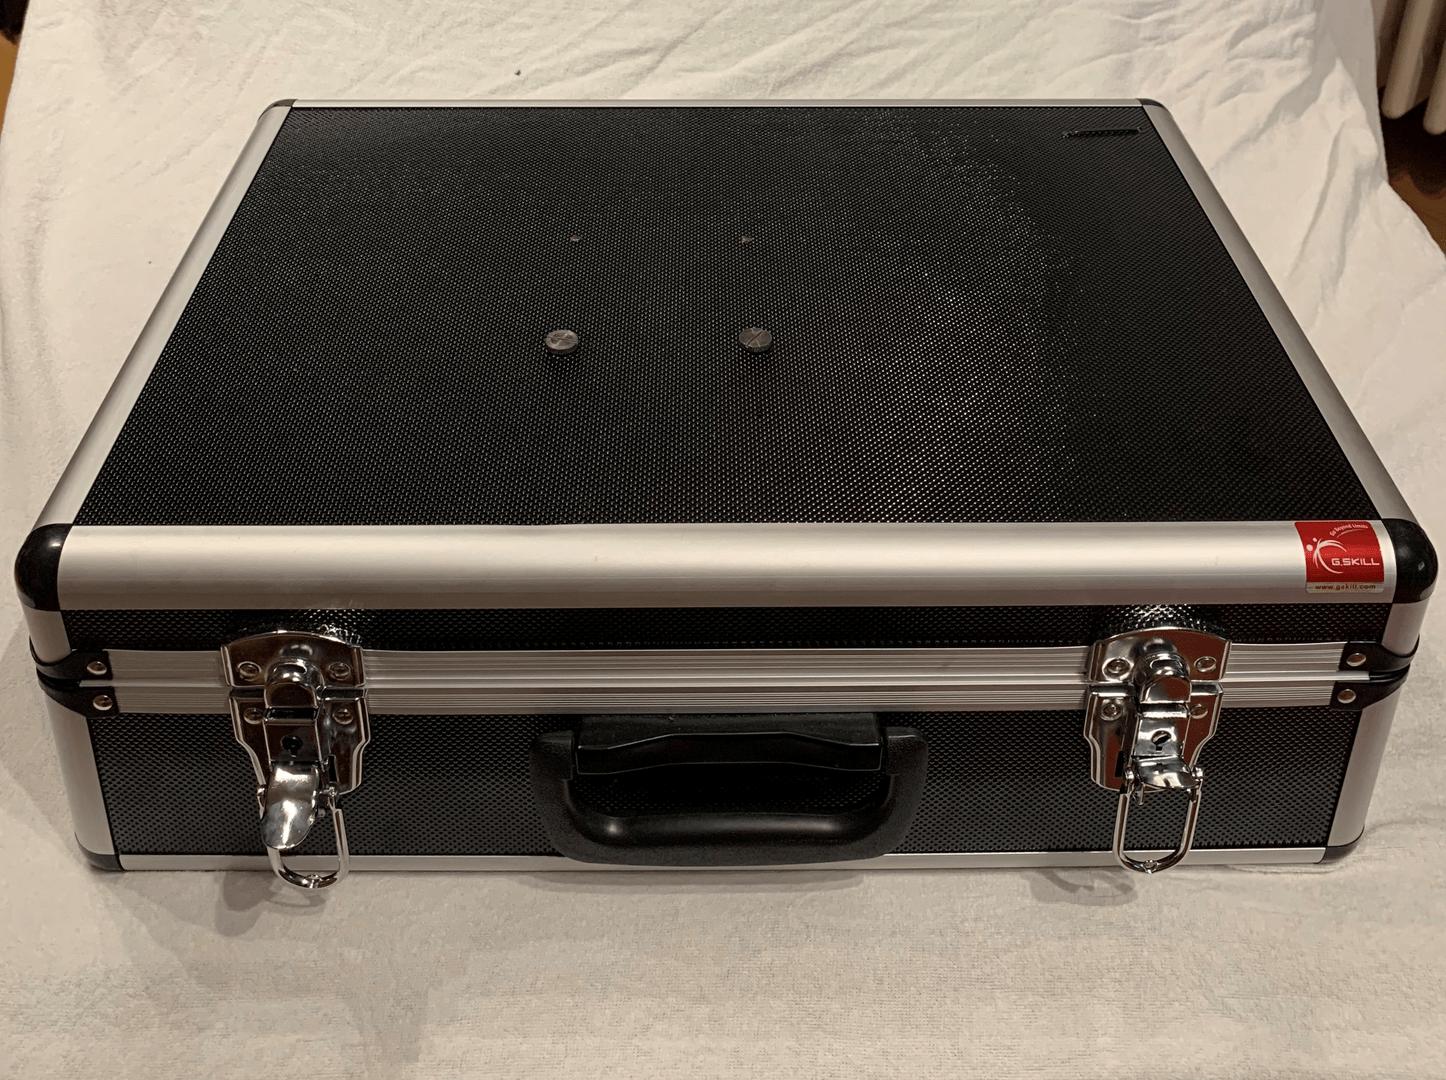 Der Leserartikel ermöglicht auch einen Blick in den Koffer-PC